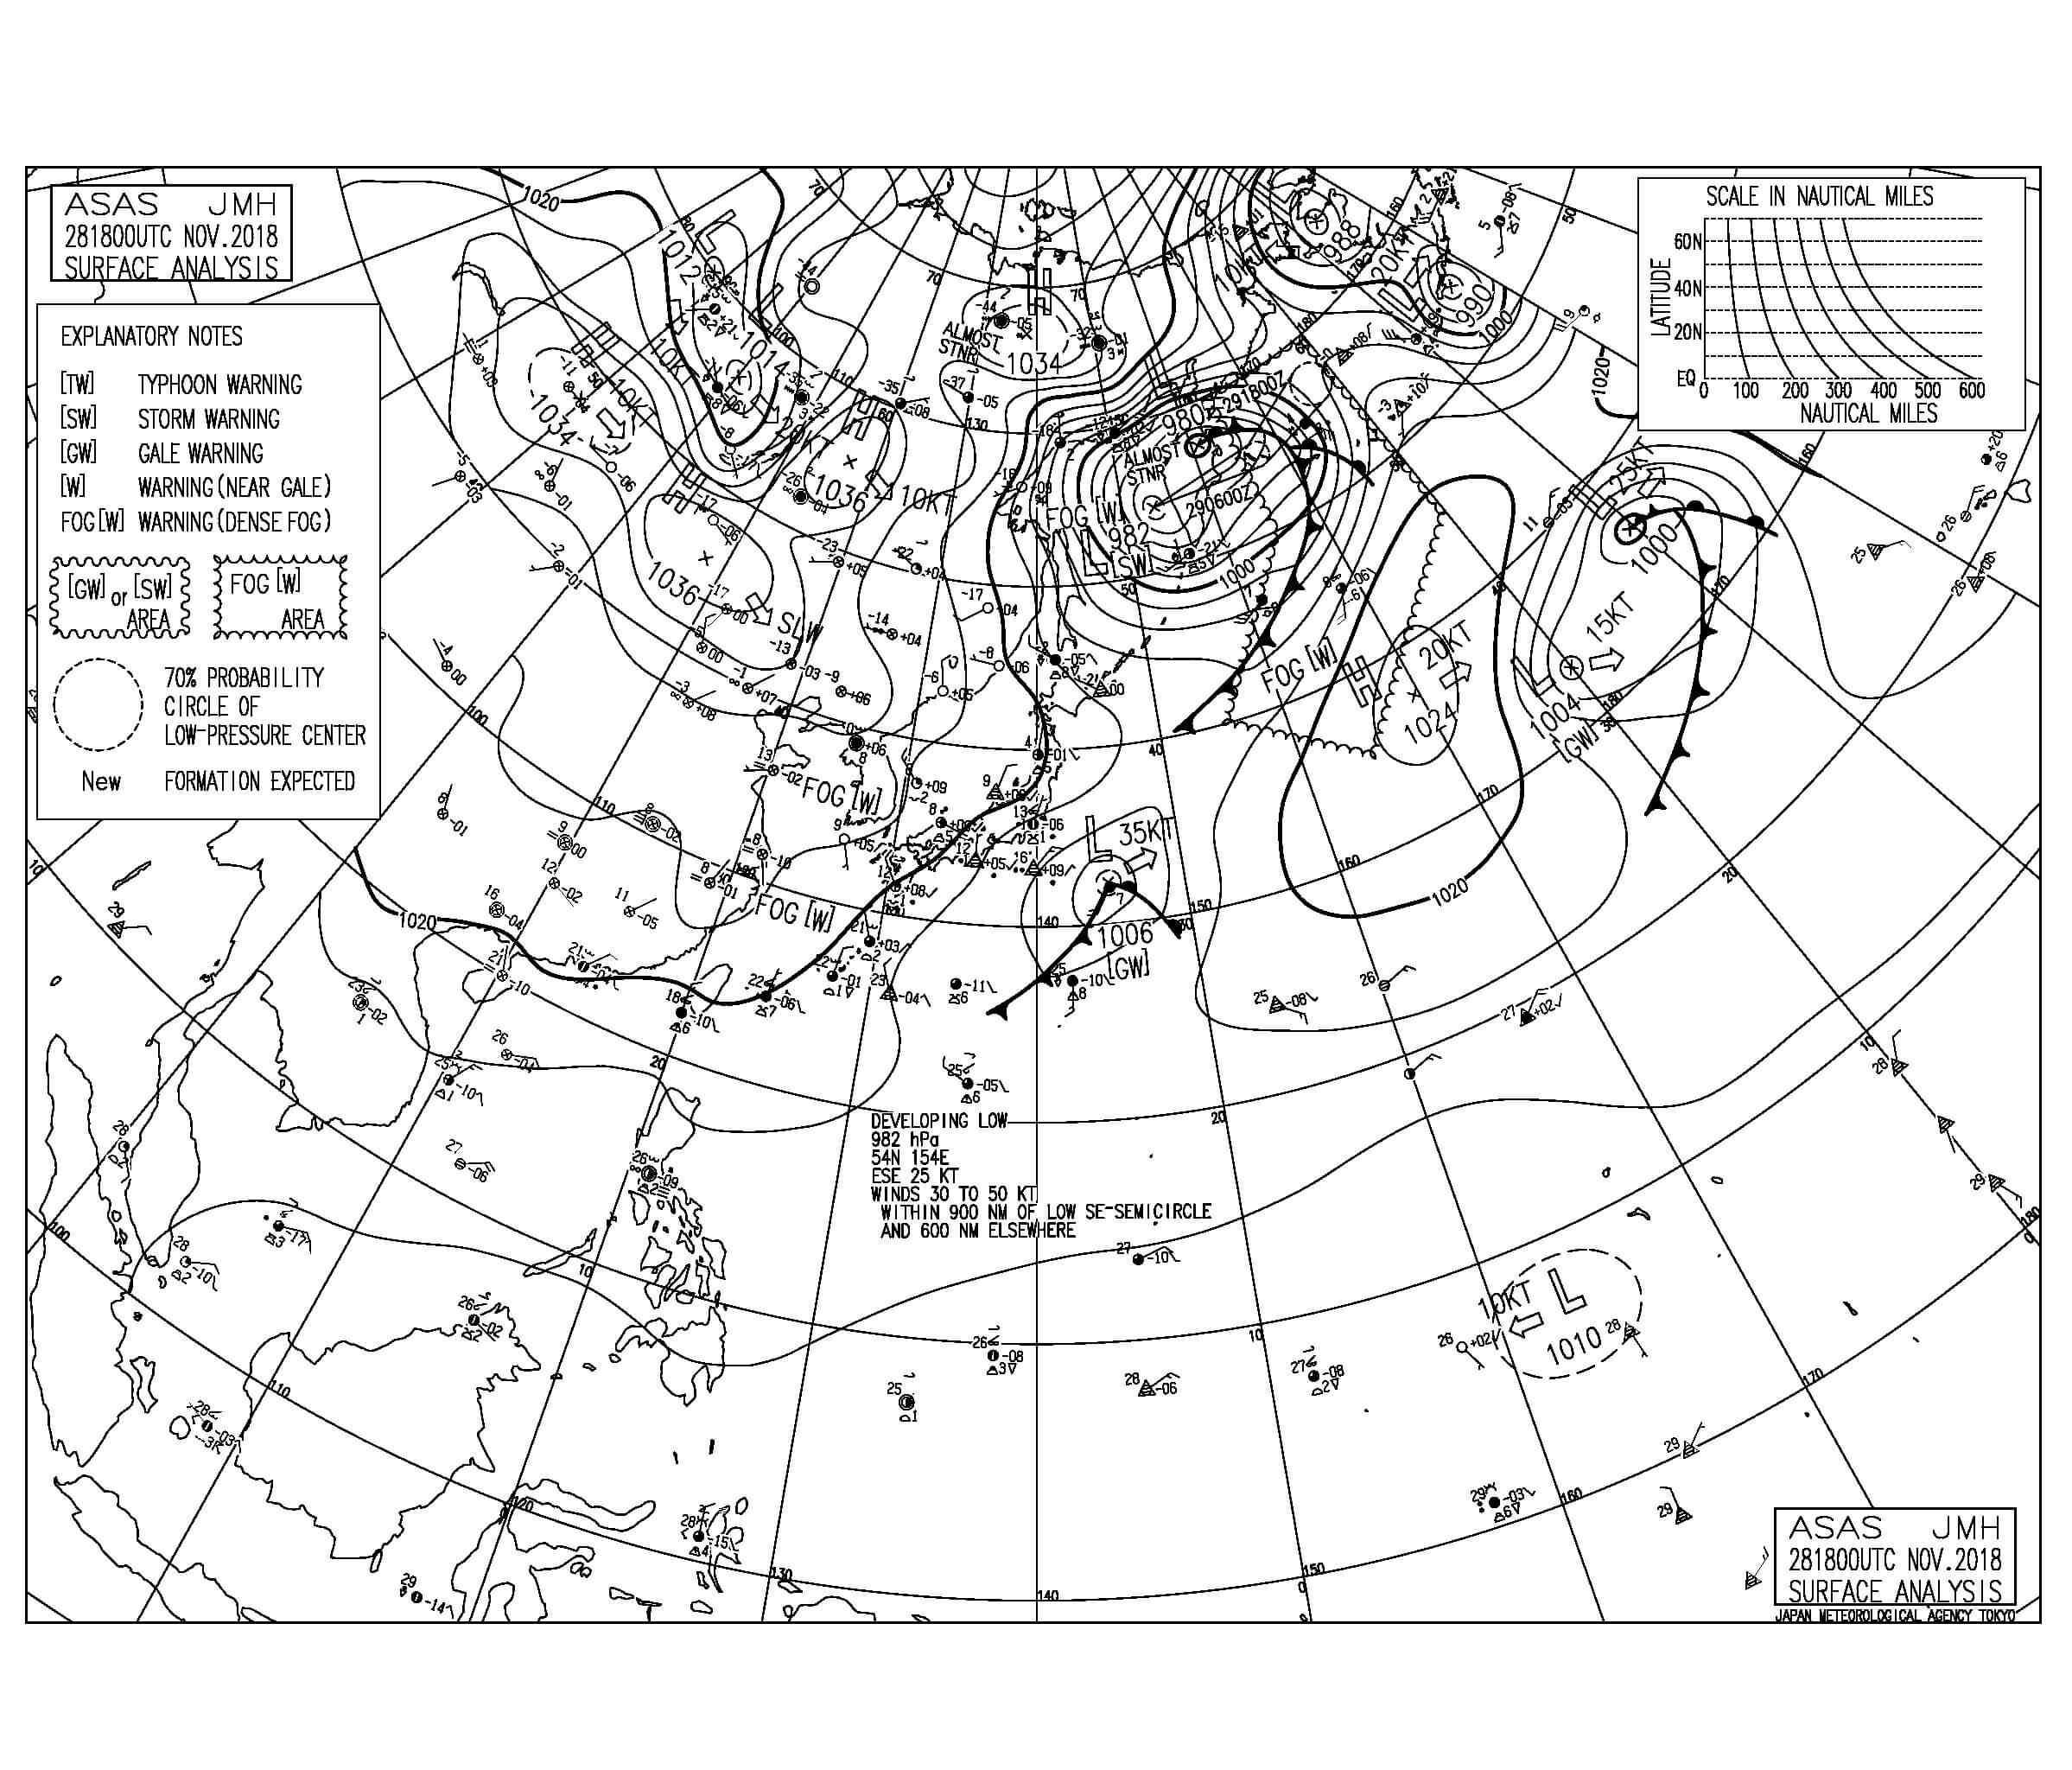 11/29 地上天気図と波情報~南海上の低気圧にむけて北風が強く吹く、今夜にかけて冬型の気圧配置へ